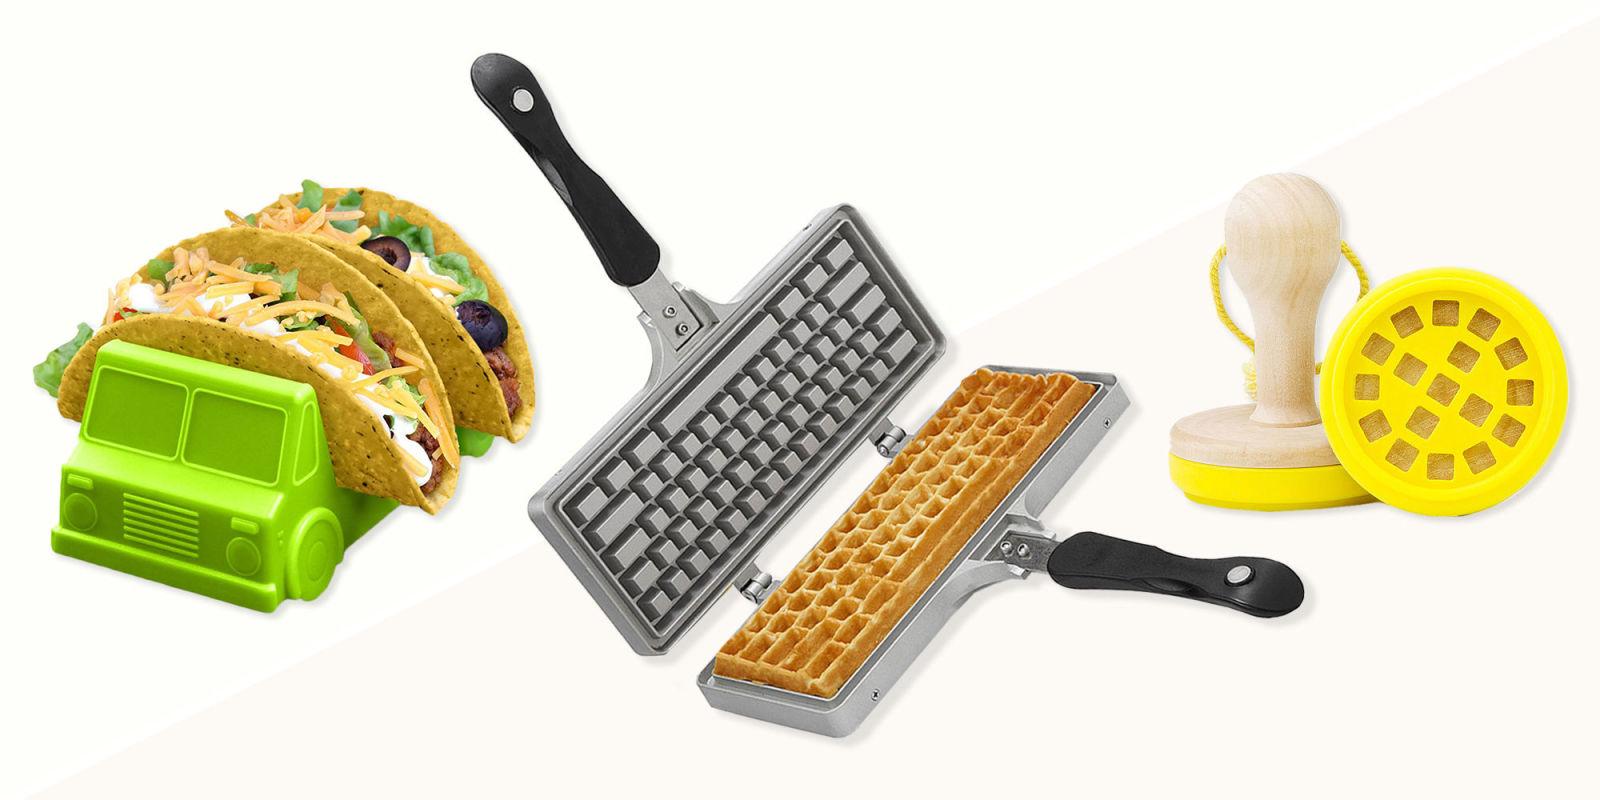 100 kitchen gifts fun kitchen accessories fun and for Kitchen gift ideas under 50